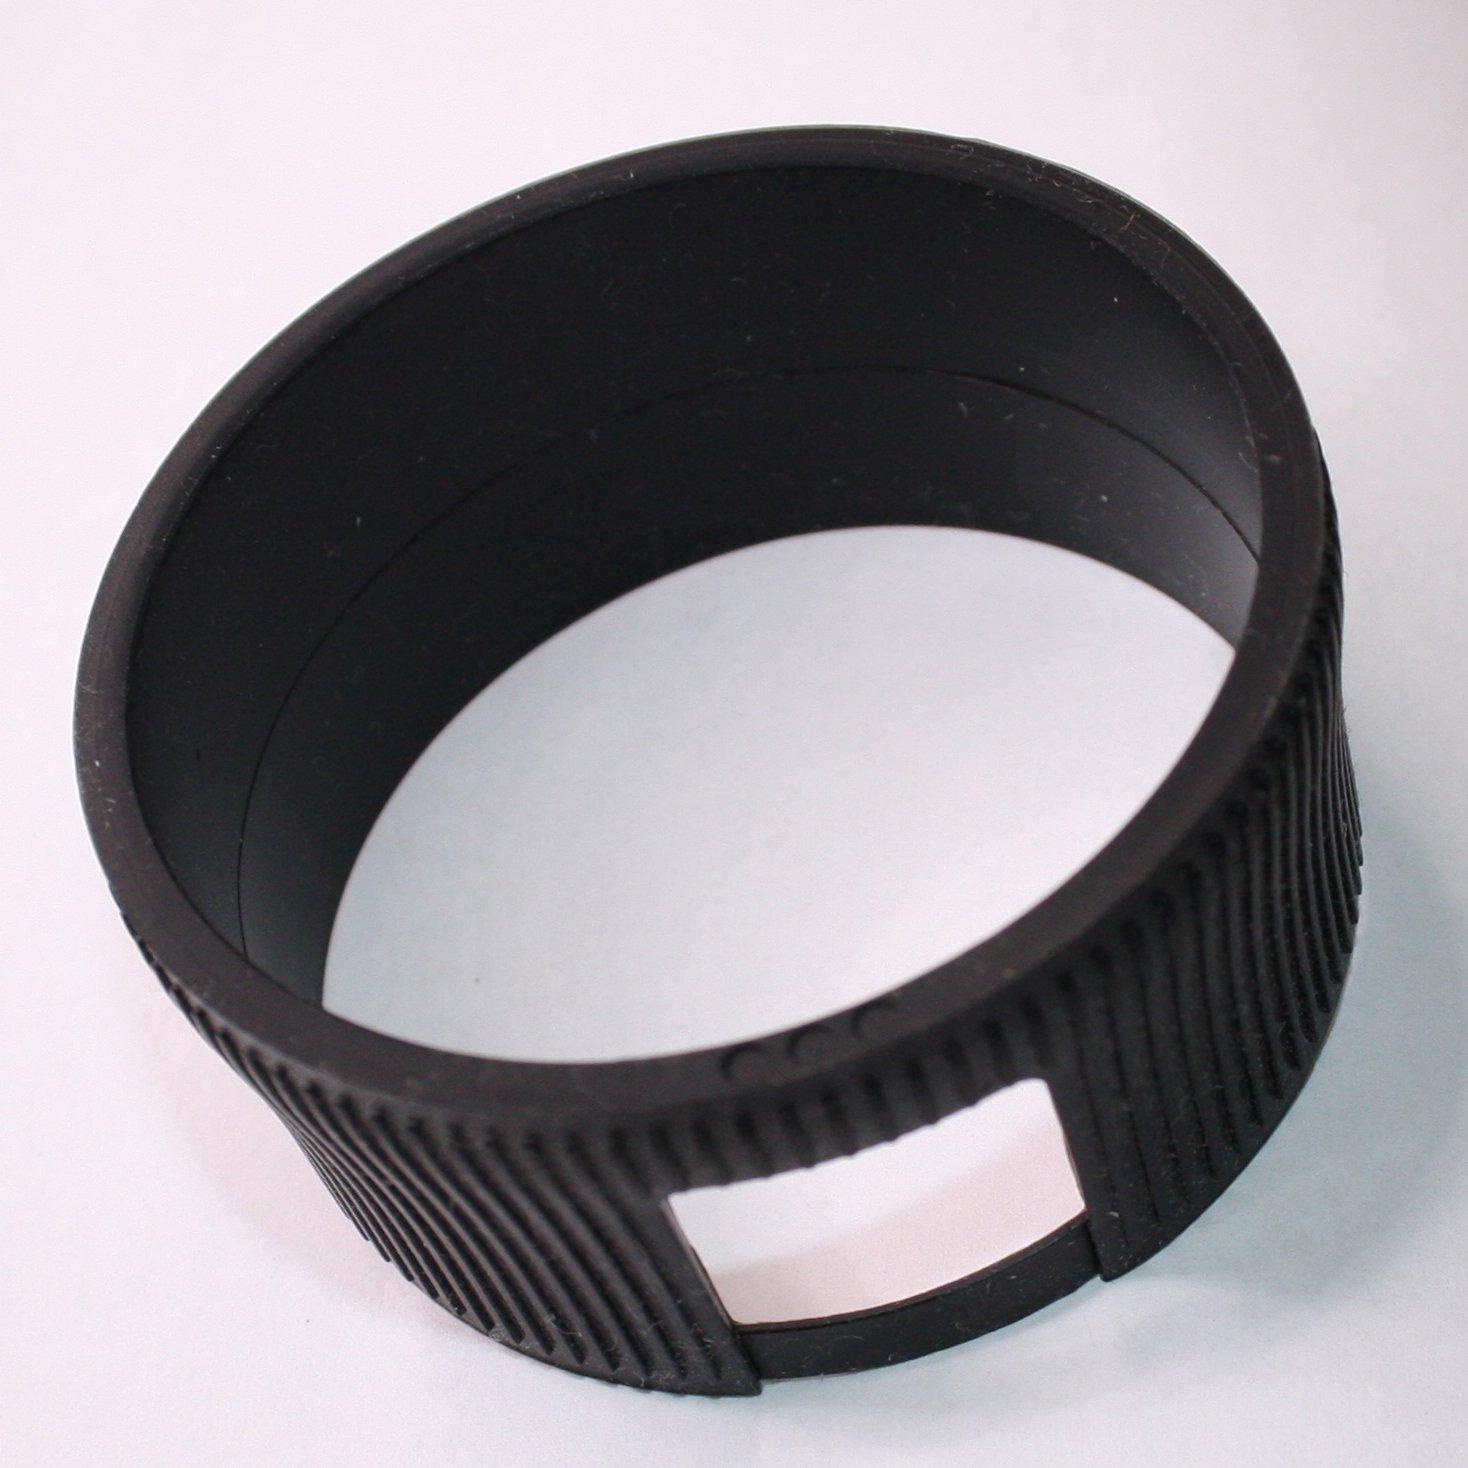 fujifilm finepix sl300 how to use